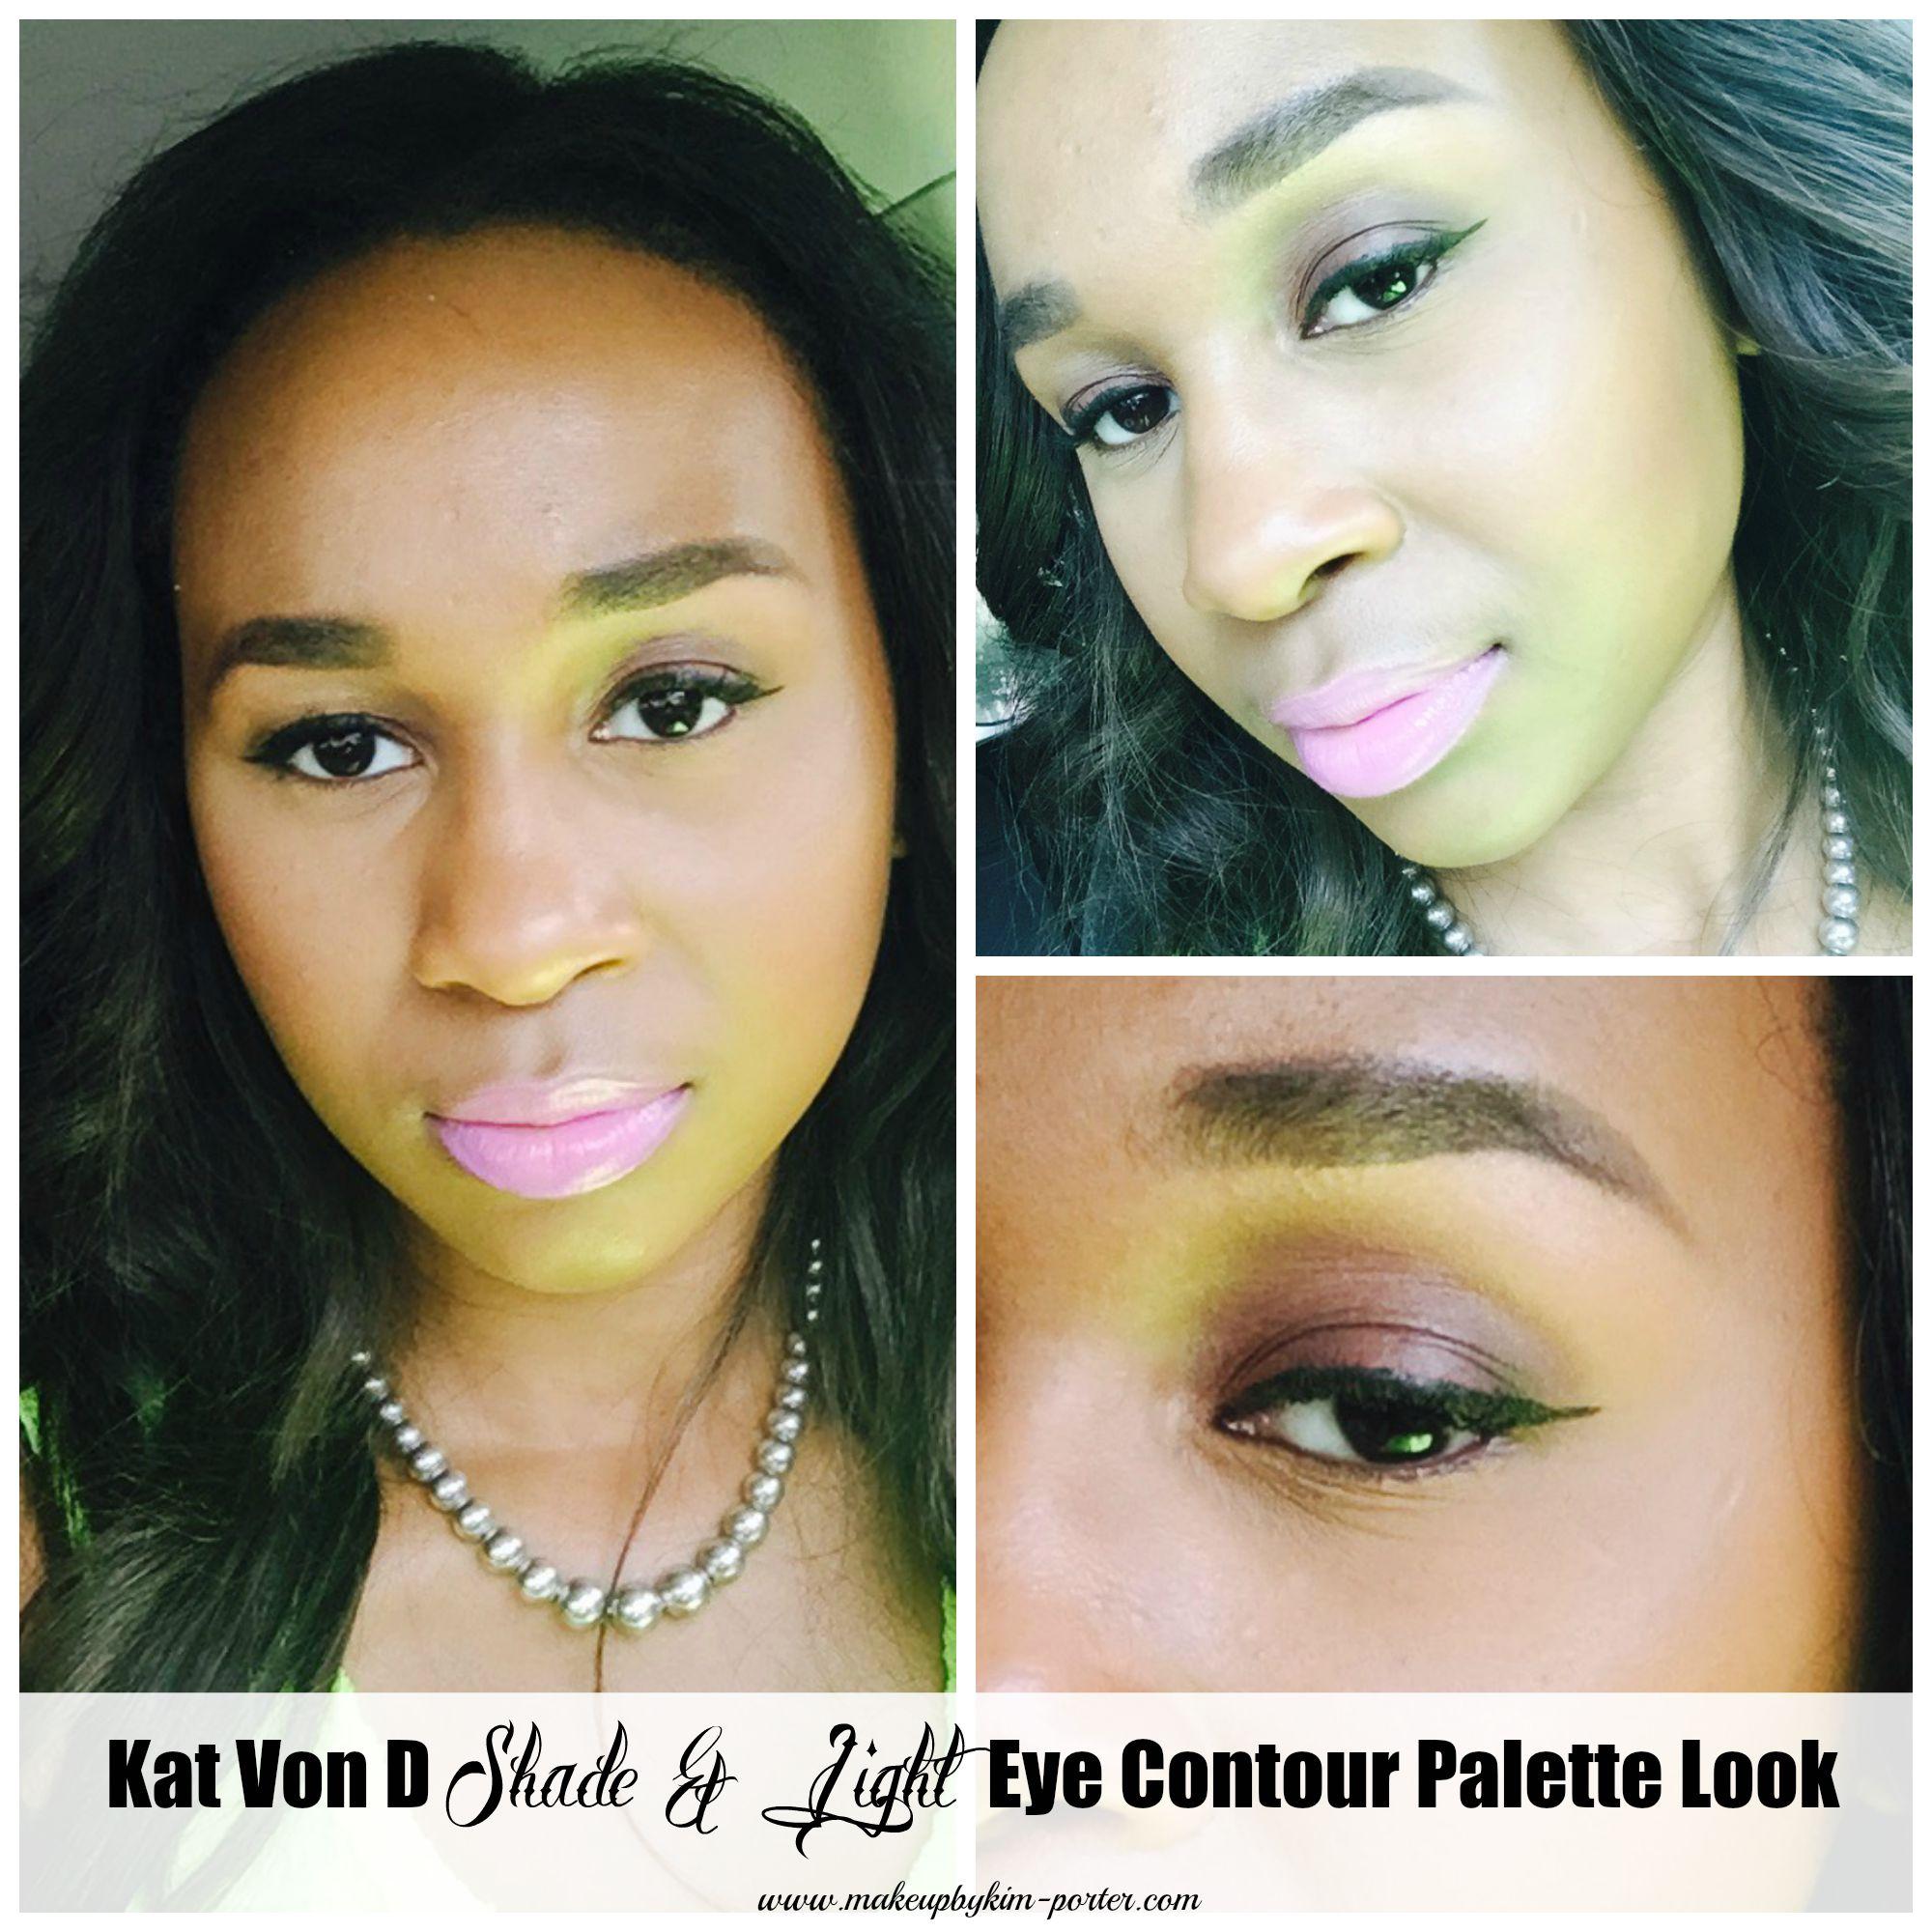 kat von d shade light eye contour palette tutorial